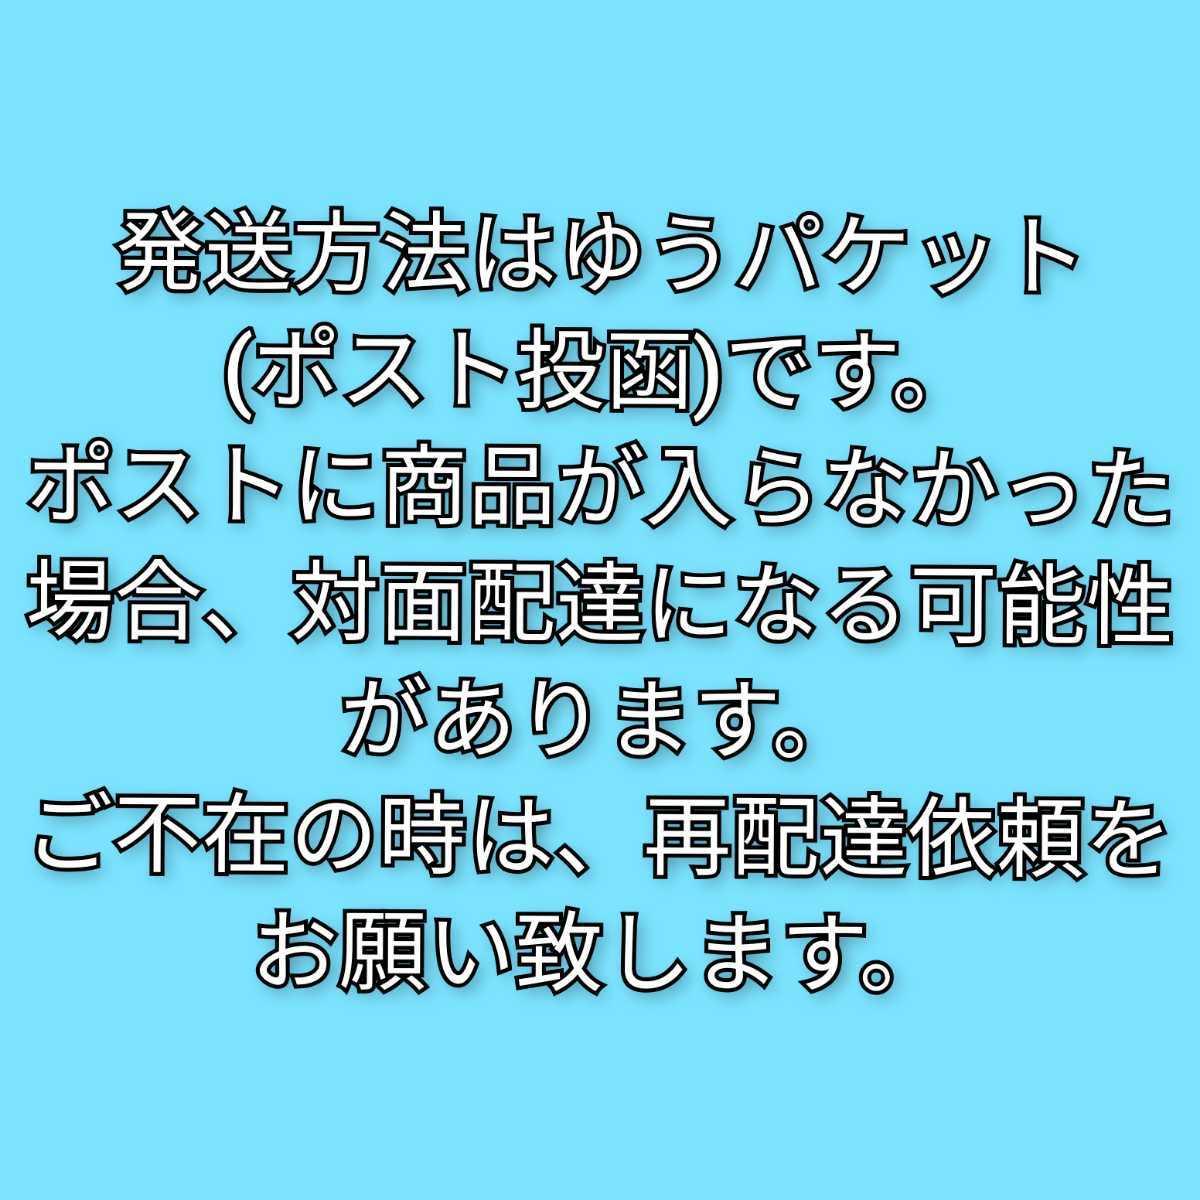 2種類20袋 ビクトリーブレンド ブレンドフォルテシモ 澤井珈琲 ドリップコーヒー_画像3